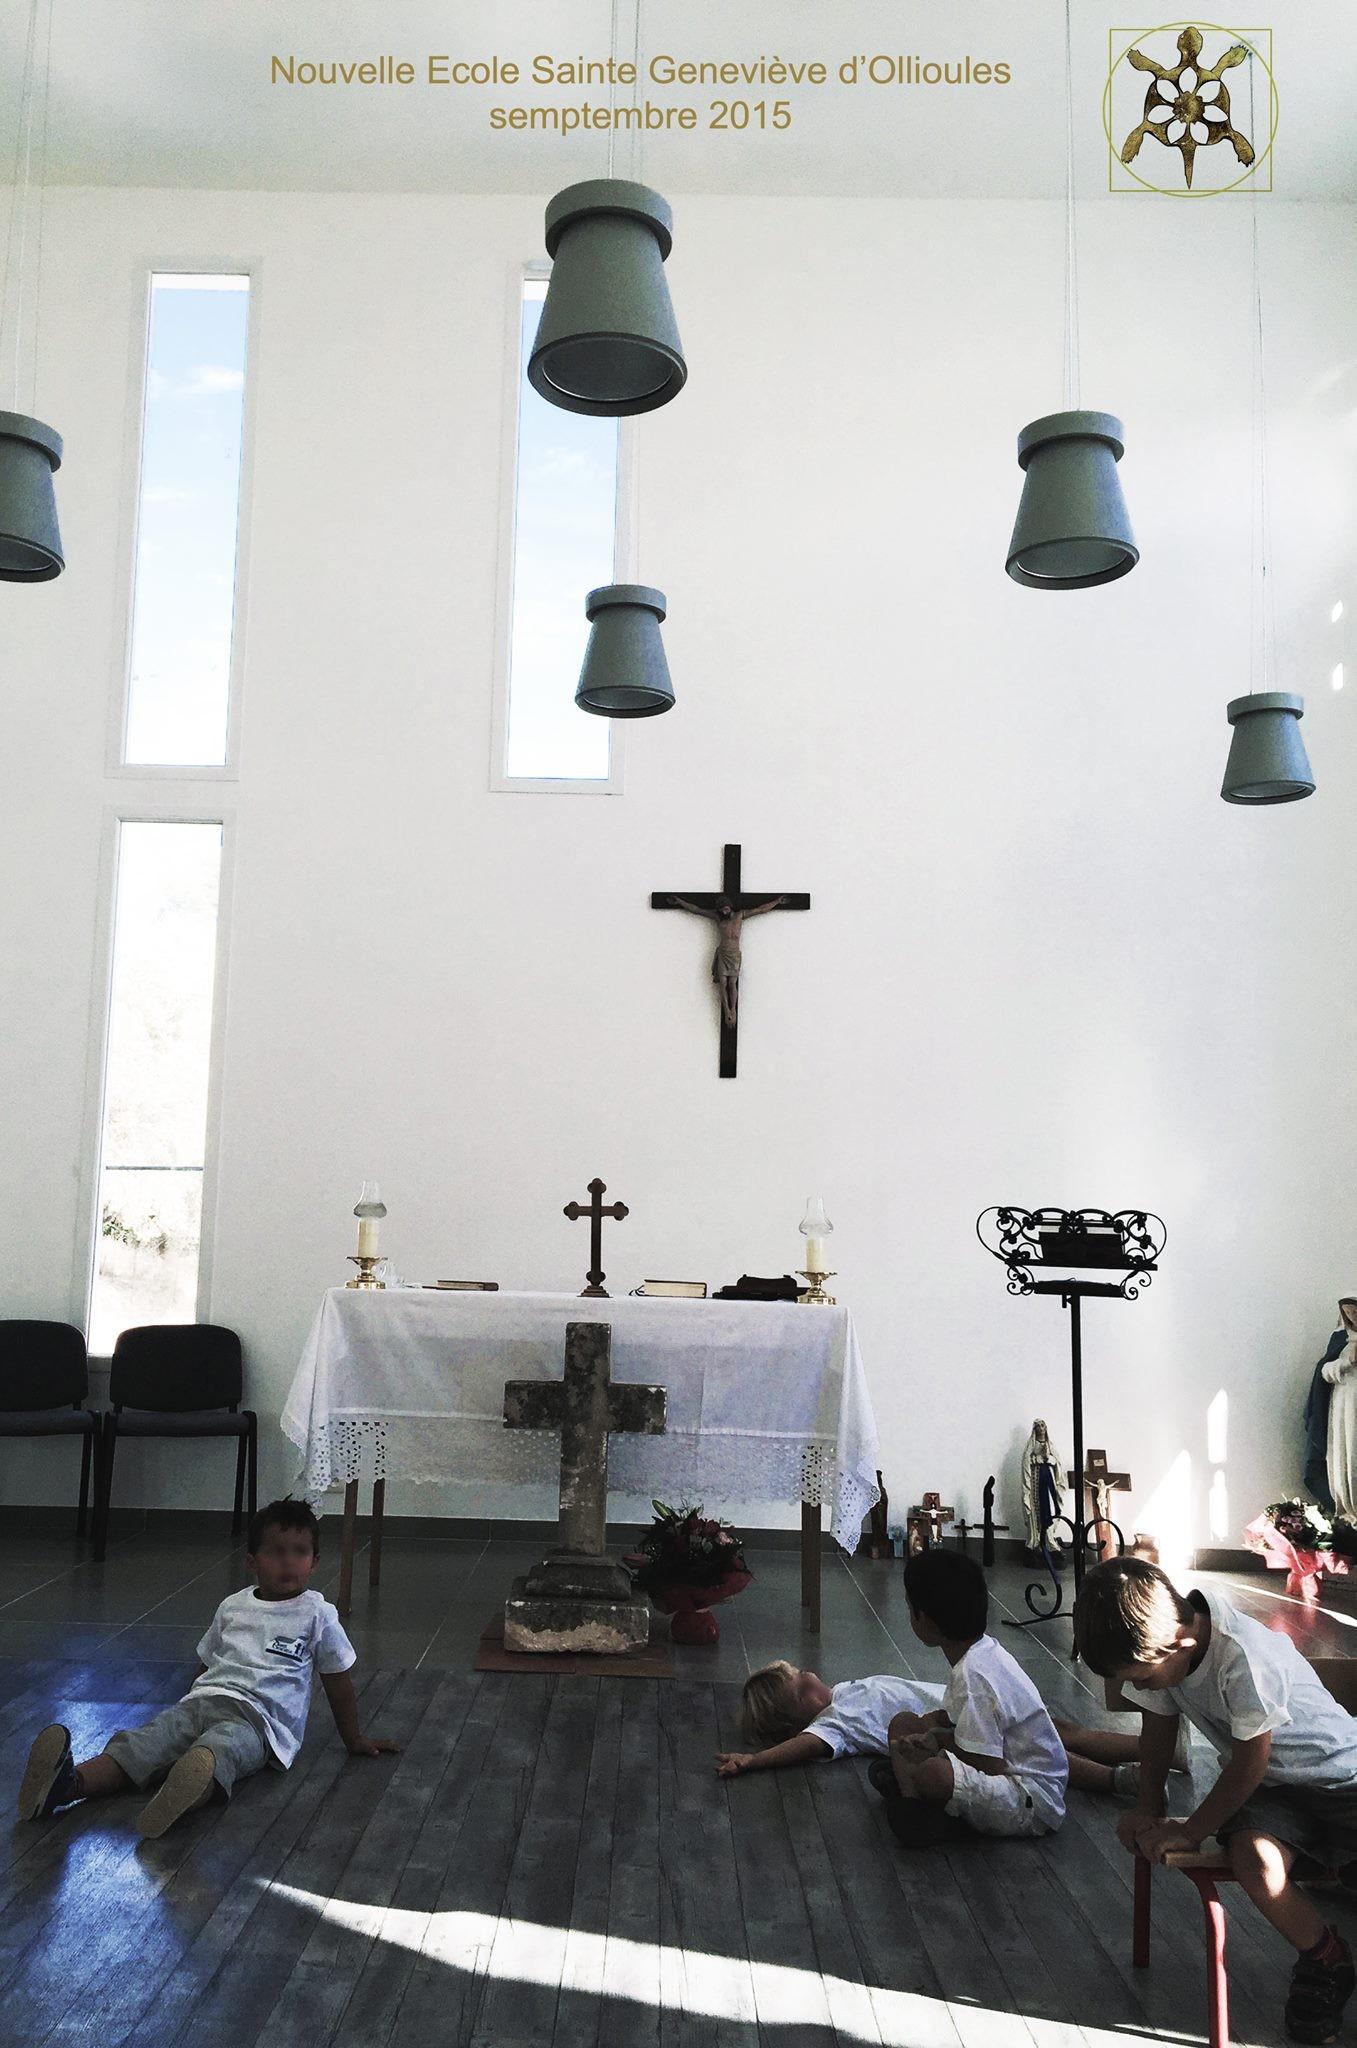 Image Nouvelle Ecole Sainte Geneviève 1